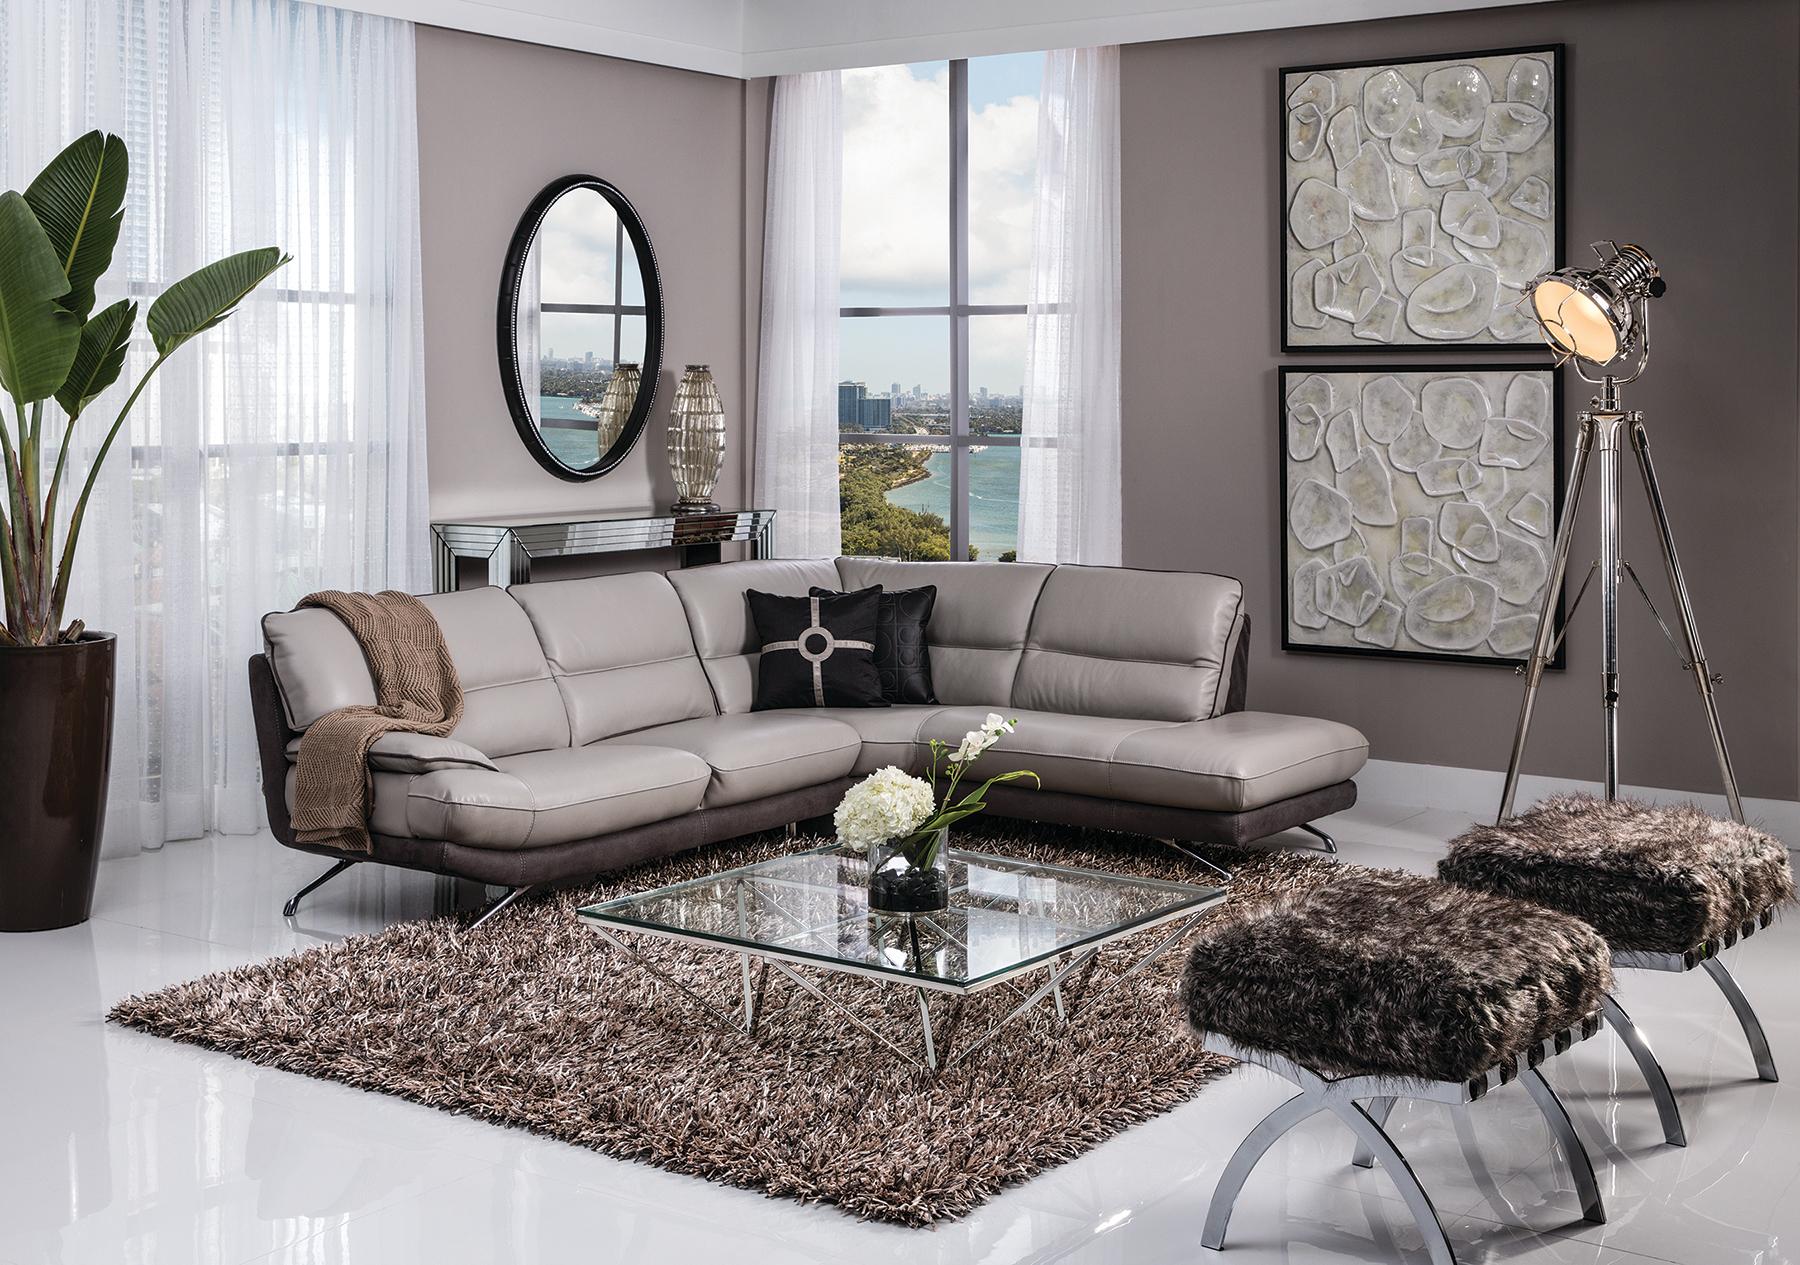 El Dorado Furniture Storefurniture By Outlet Furniture